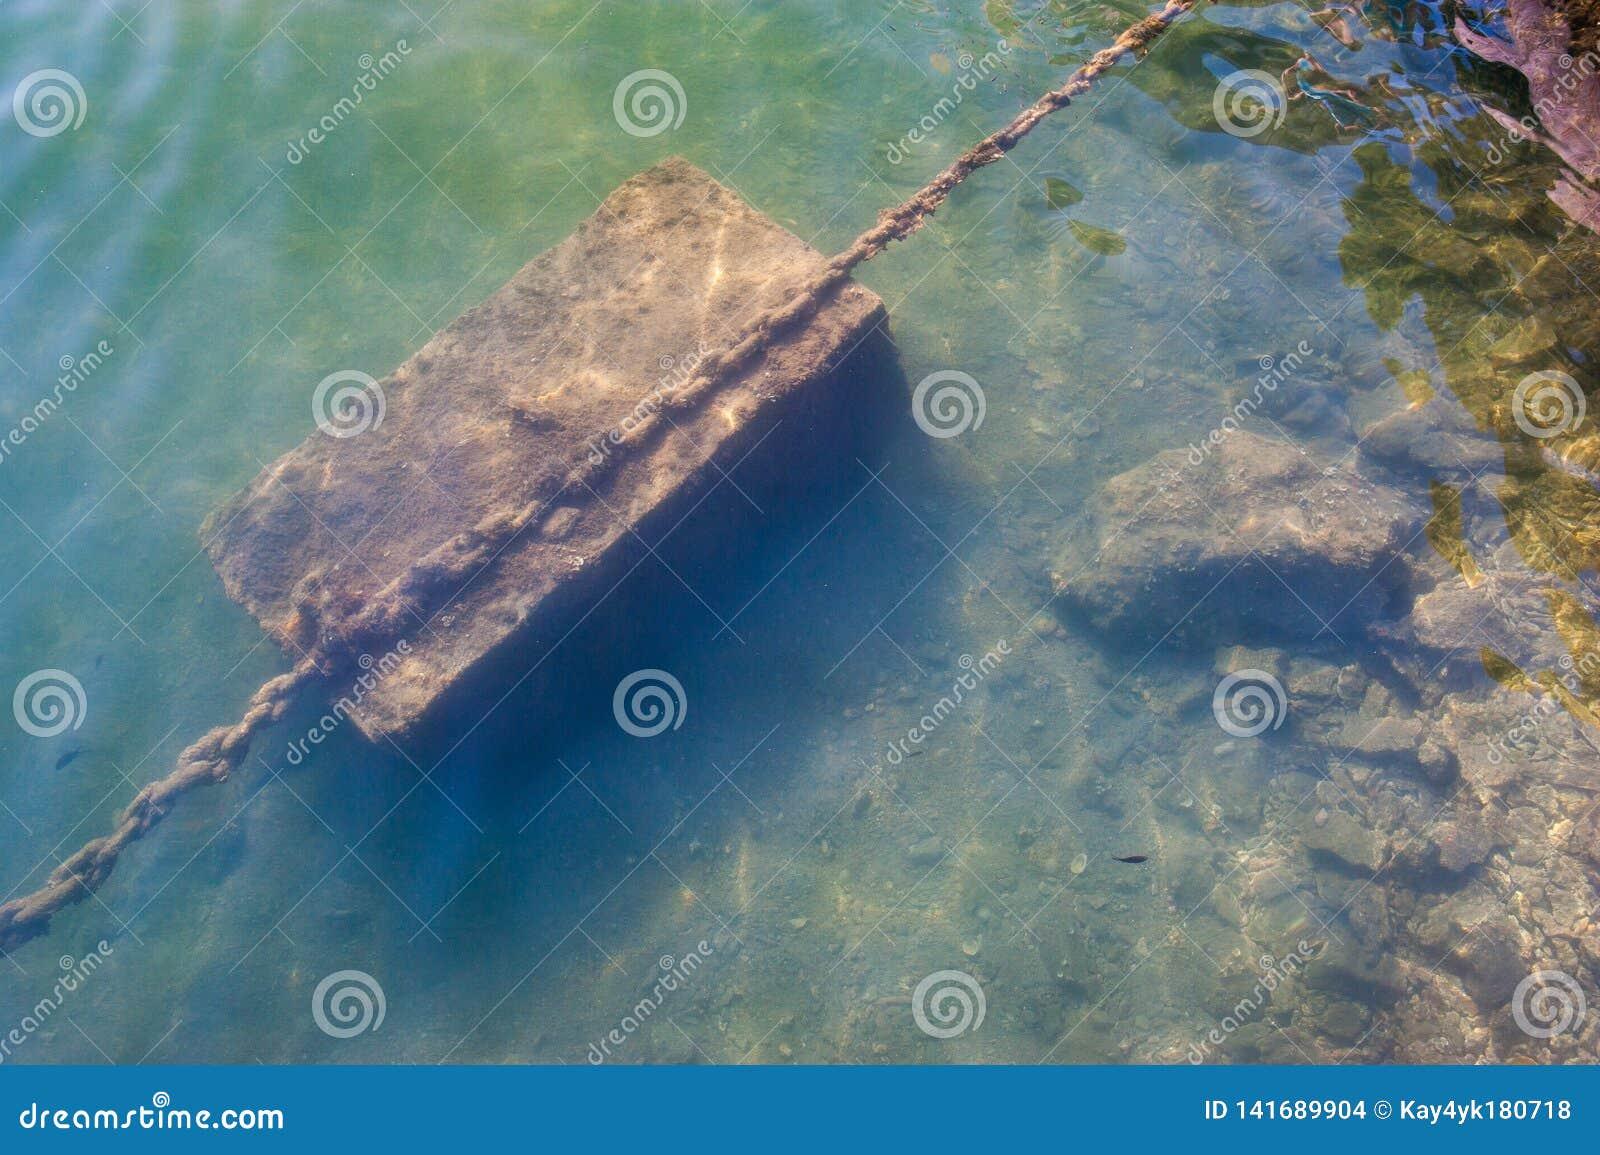 Catena arrugginita sotto acqua, ancora attracchi sulla riva